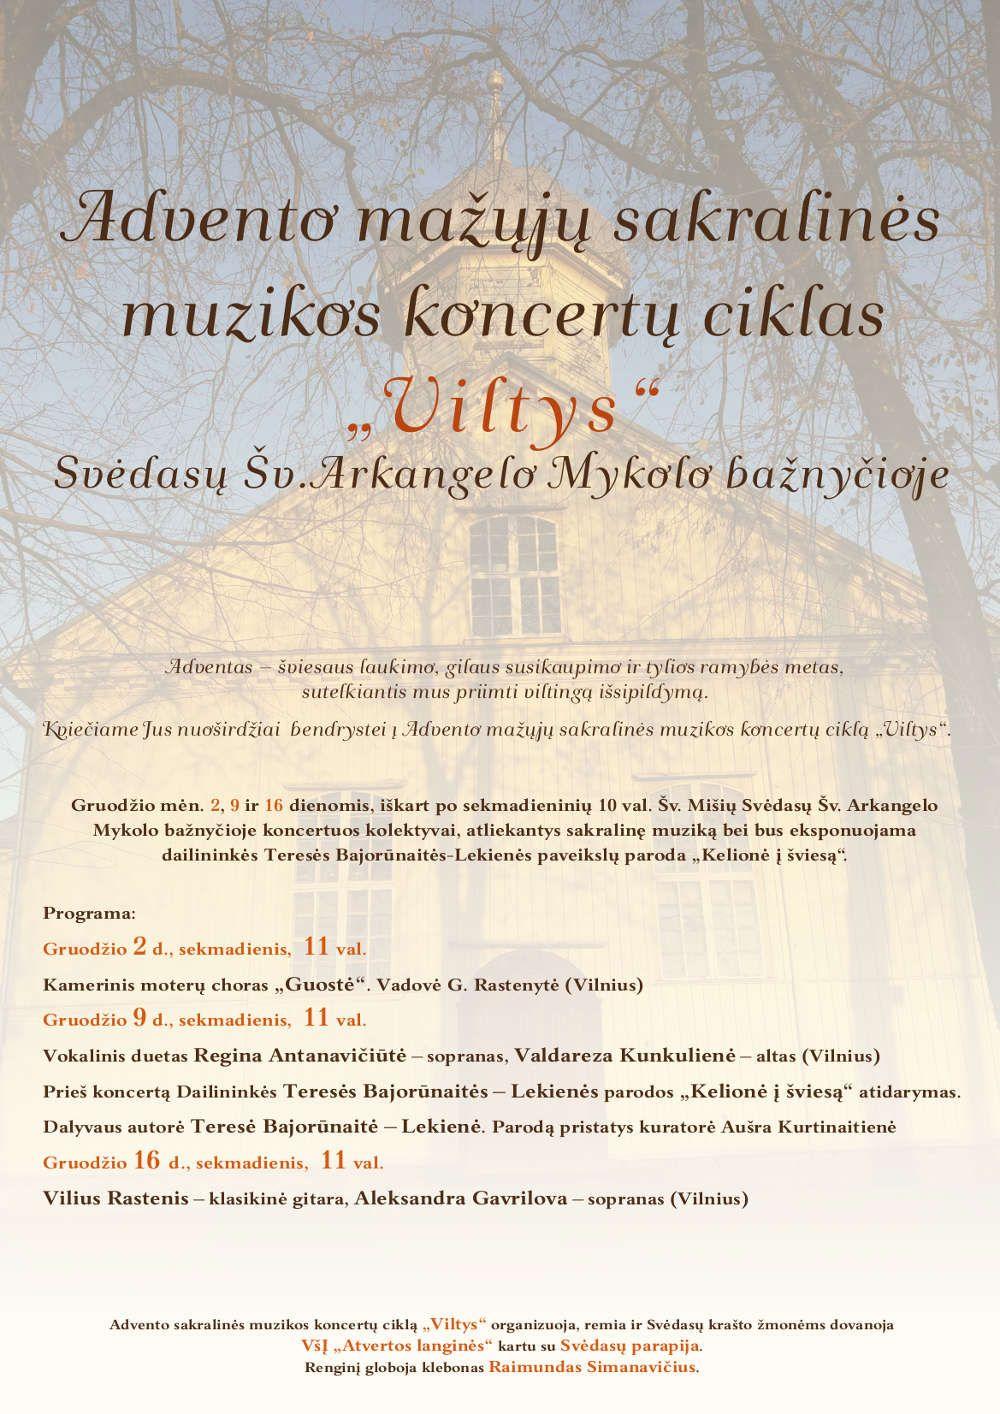 """Koncertų ciklas """"Viltys"""" / Vilius Rastenis - klasikinė gitara, Aleksandra Gavrilova - sopranas"""